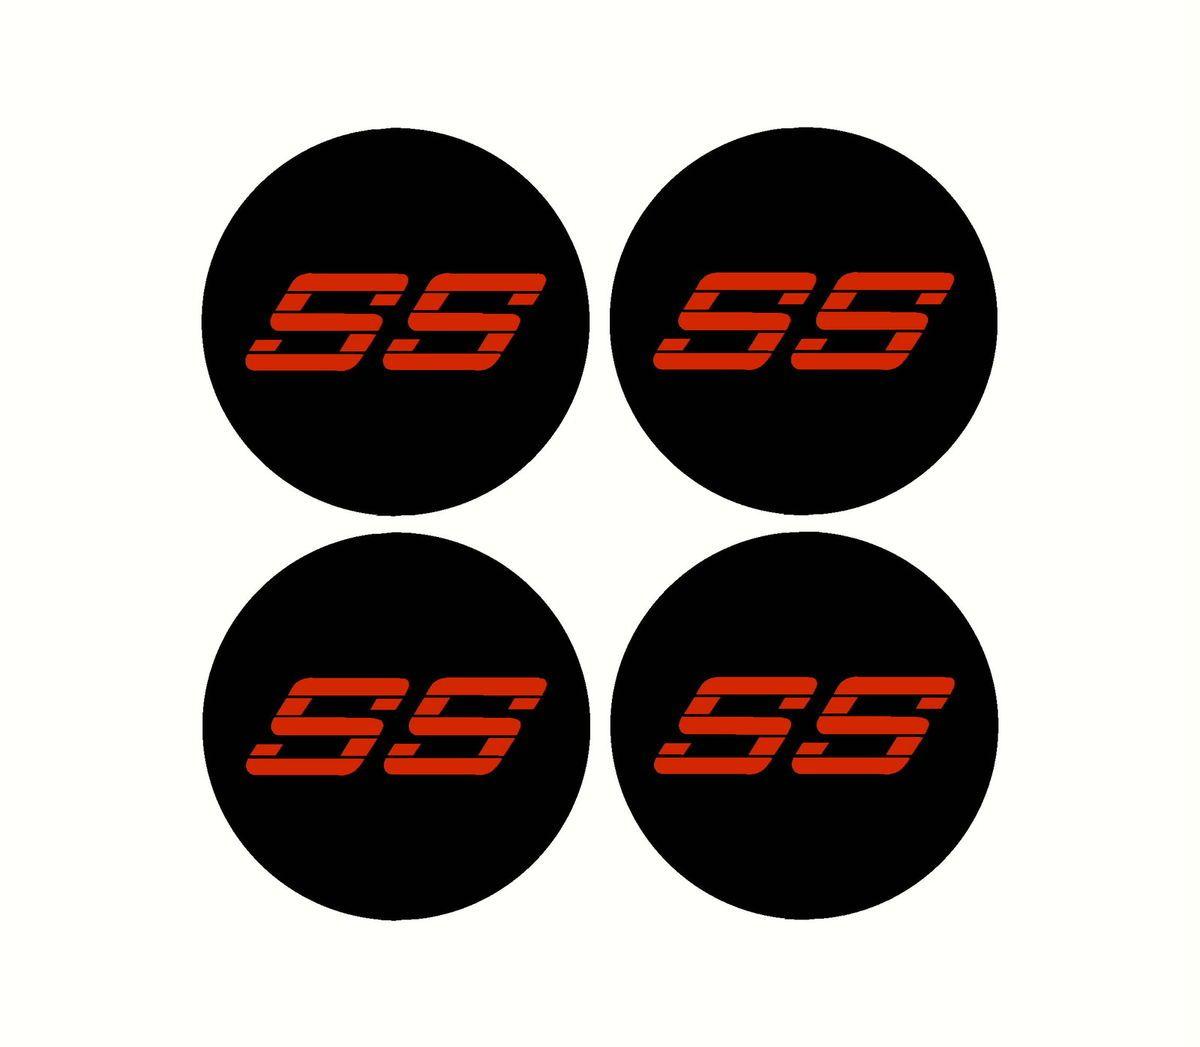 Chevy SS Rim Wheel Center Cap Overlay Decals 454 350